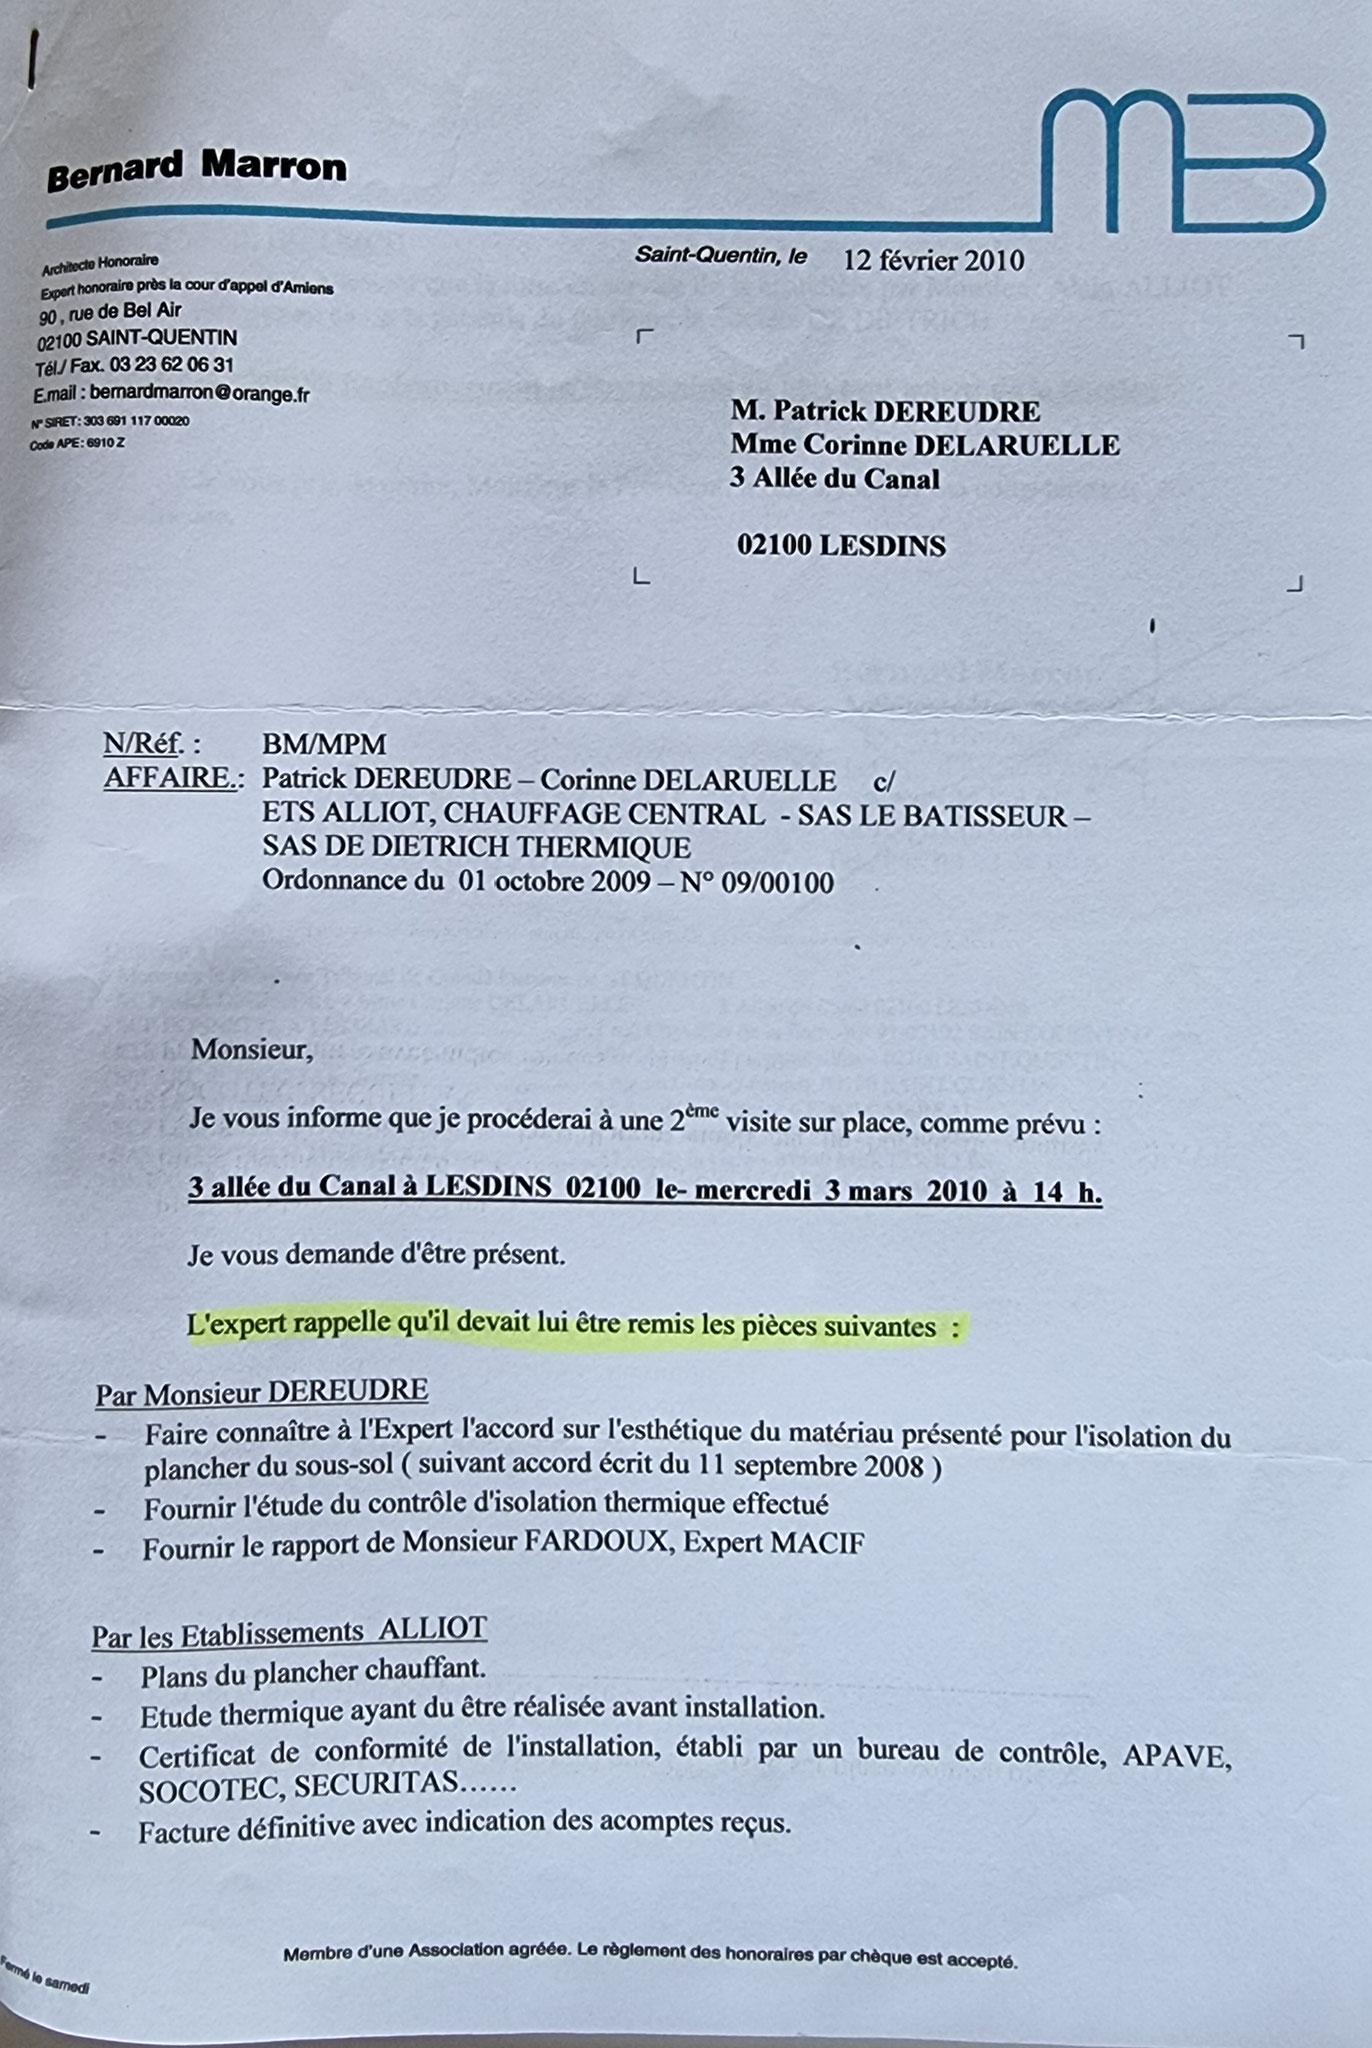 Le 12 Février 2010 Monsieur Bernard MARRON m'adresse un nouveau courrier de convocation pour une deuxième expertise Judiciaire au 03 Mars 2010.  INACCEPTABLE  BORDERLINE    EXPERTISES JUDICIAIRES ENTRE COPAINS... www.jesuispatrick.fr www.jesuisvictime.fr